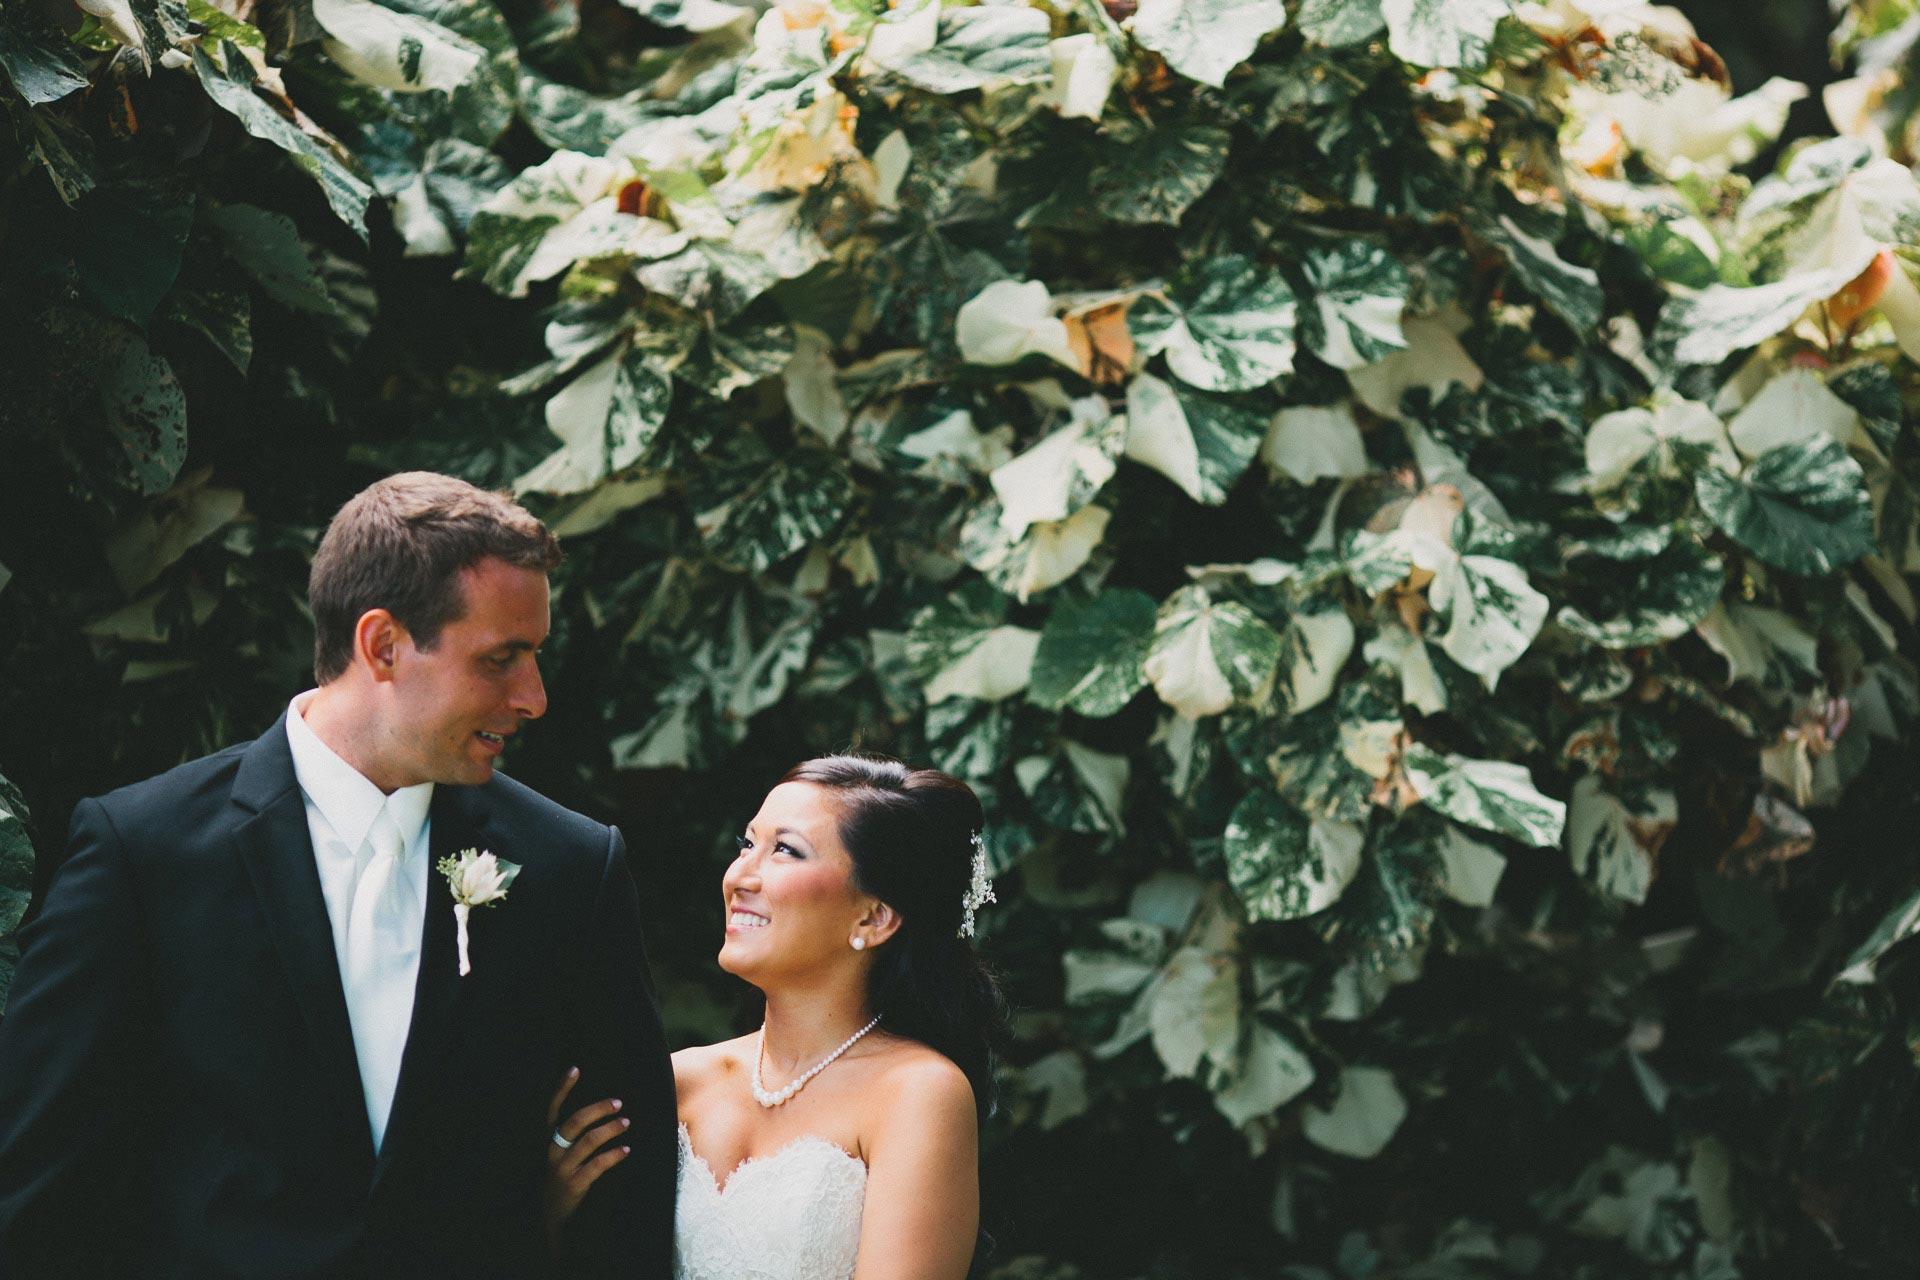 KW-Maui-Hawaii-Wedding-062@2x.jpg